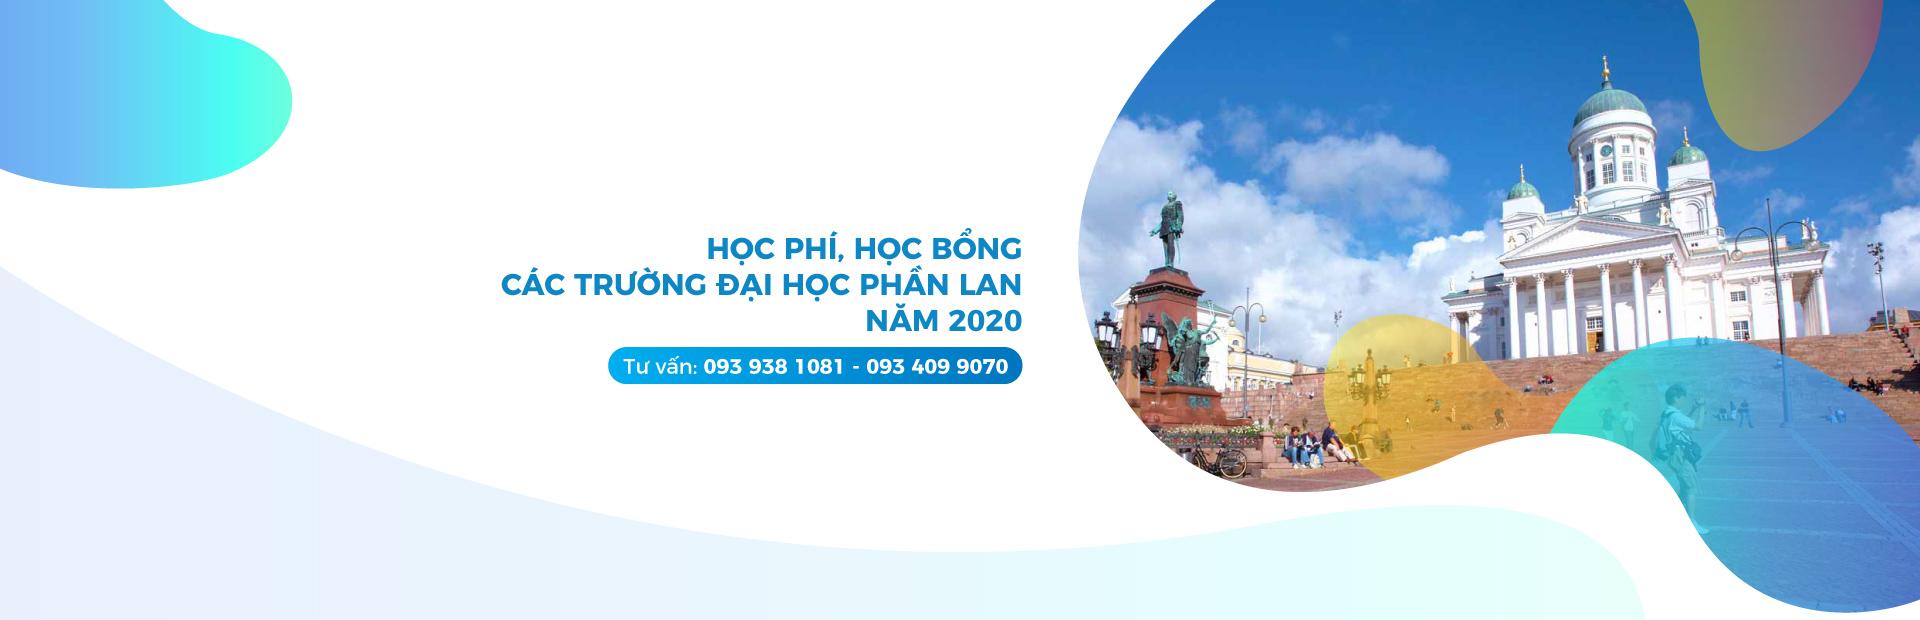 Phan Lan hoc phi